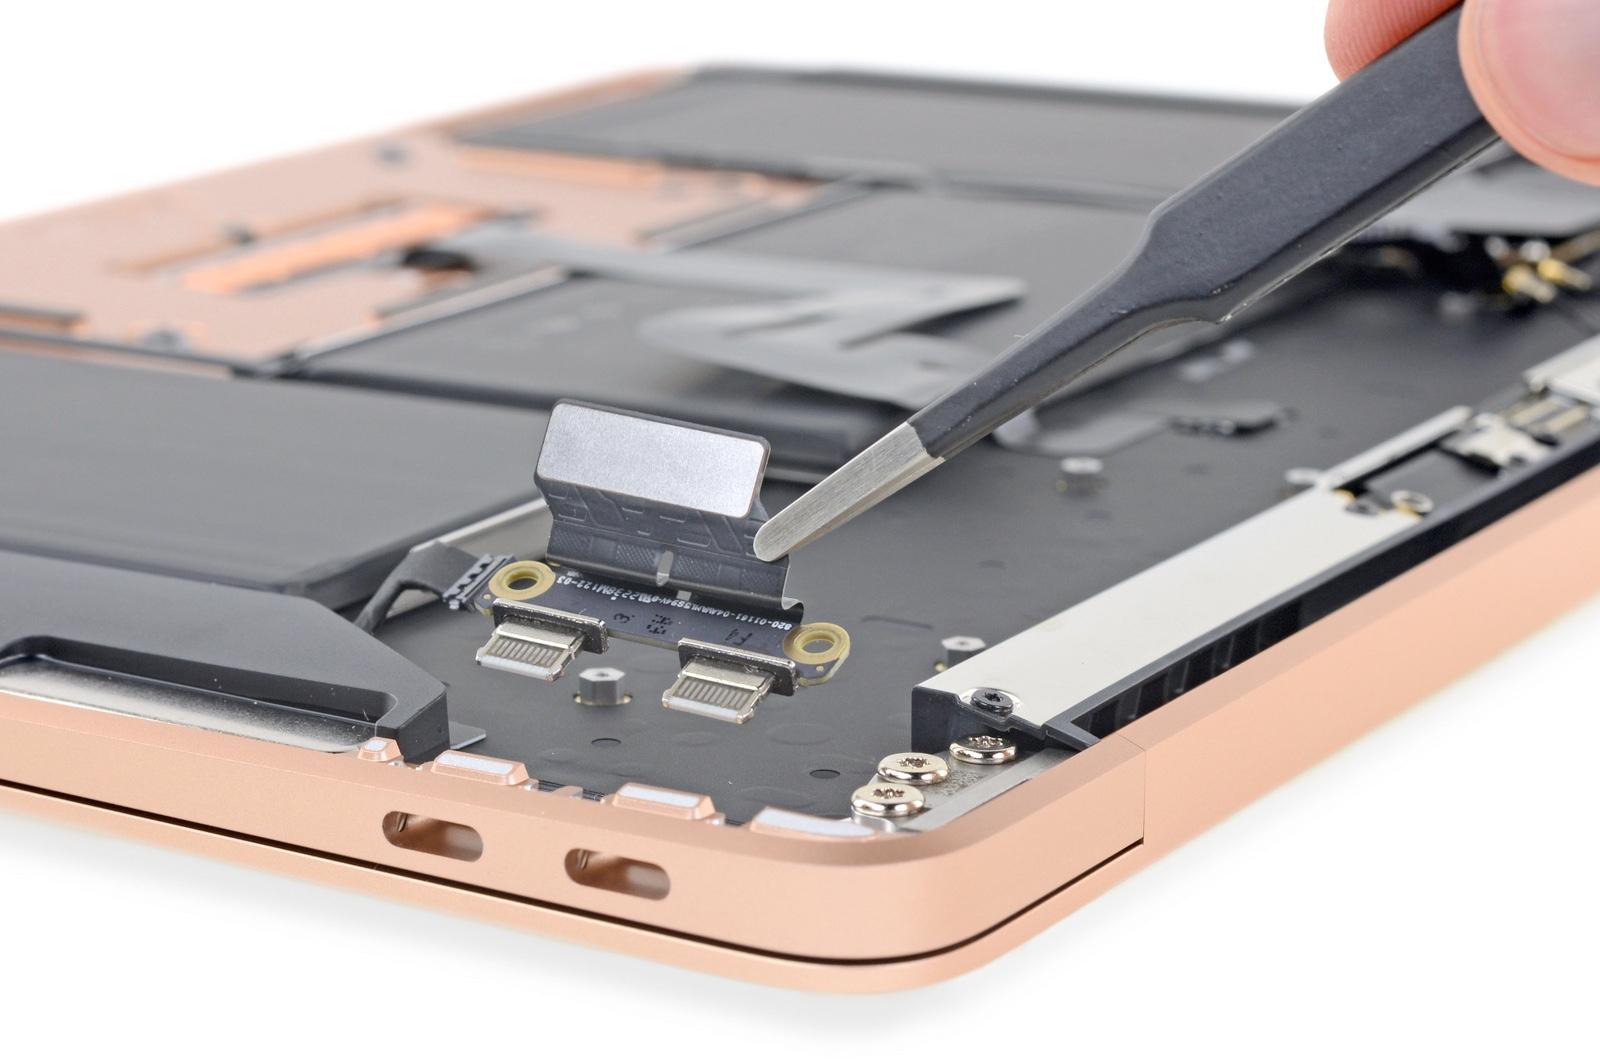 MacBook Air 2018 poorten tear